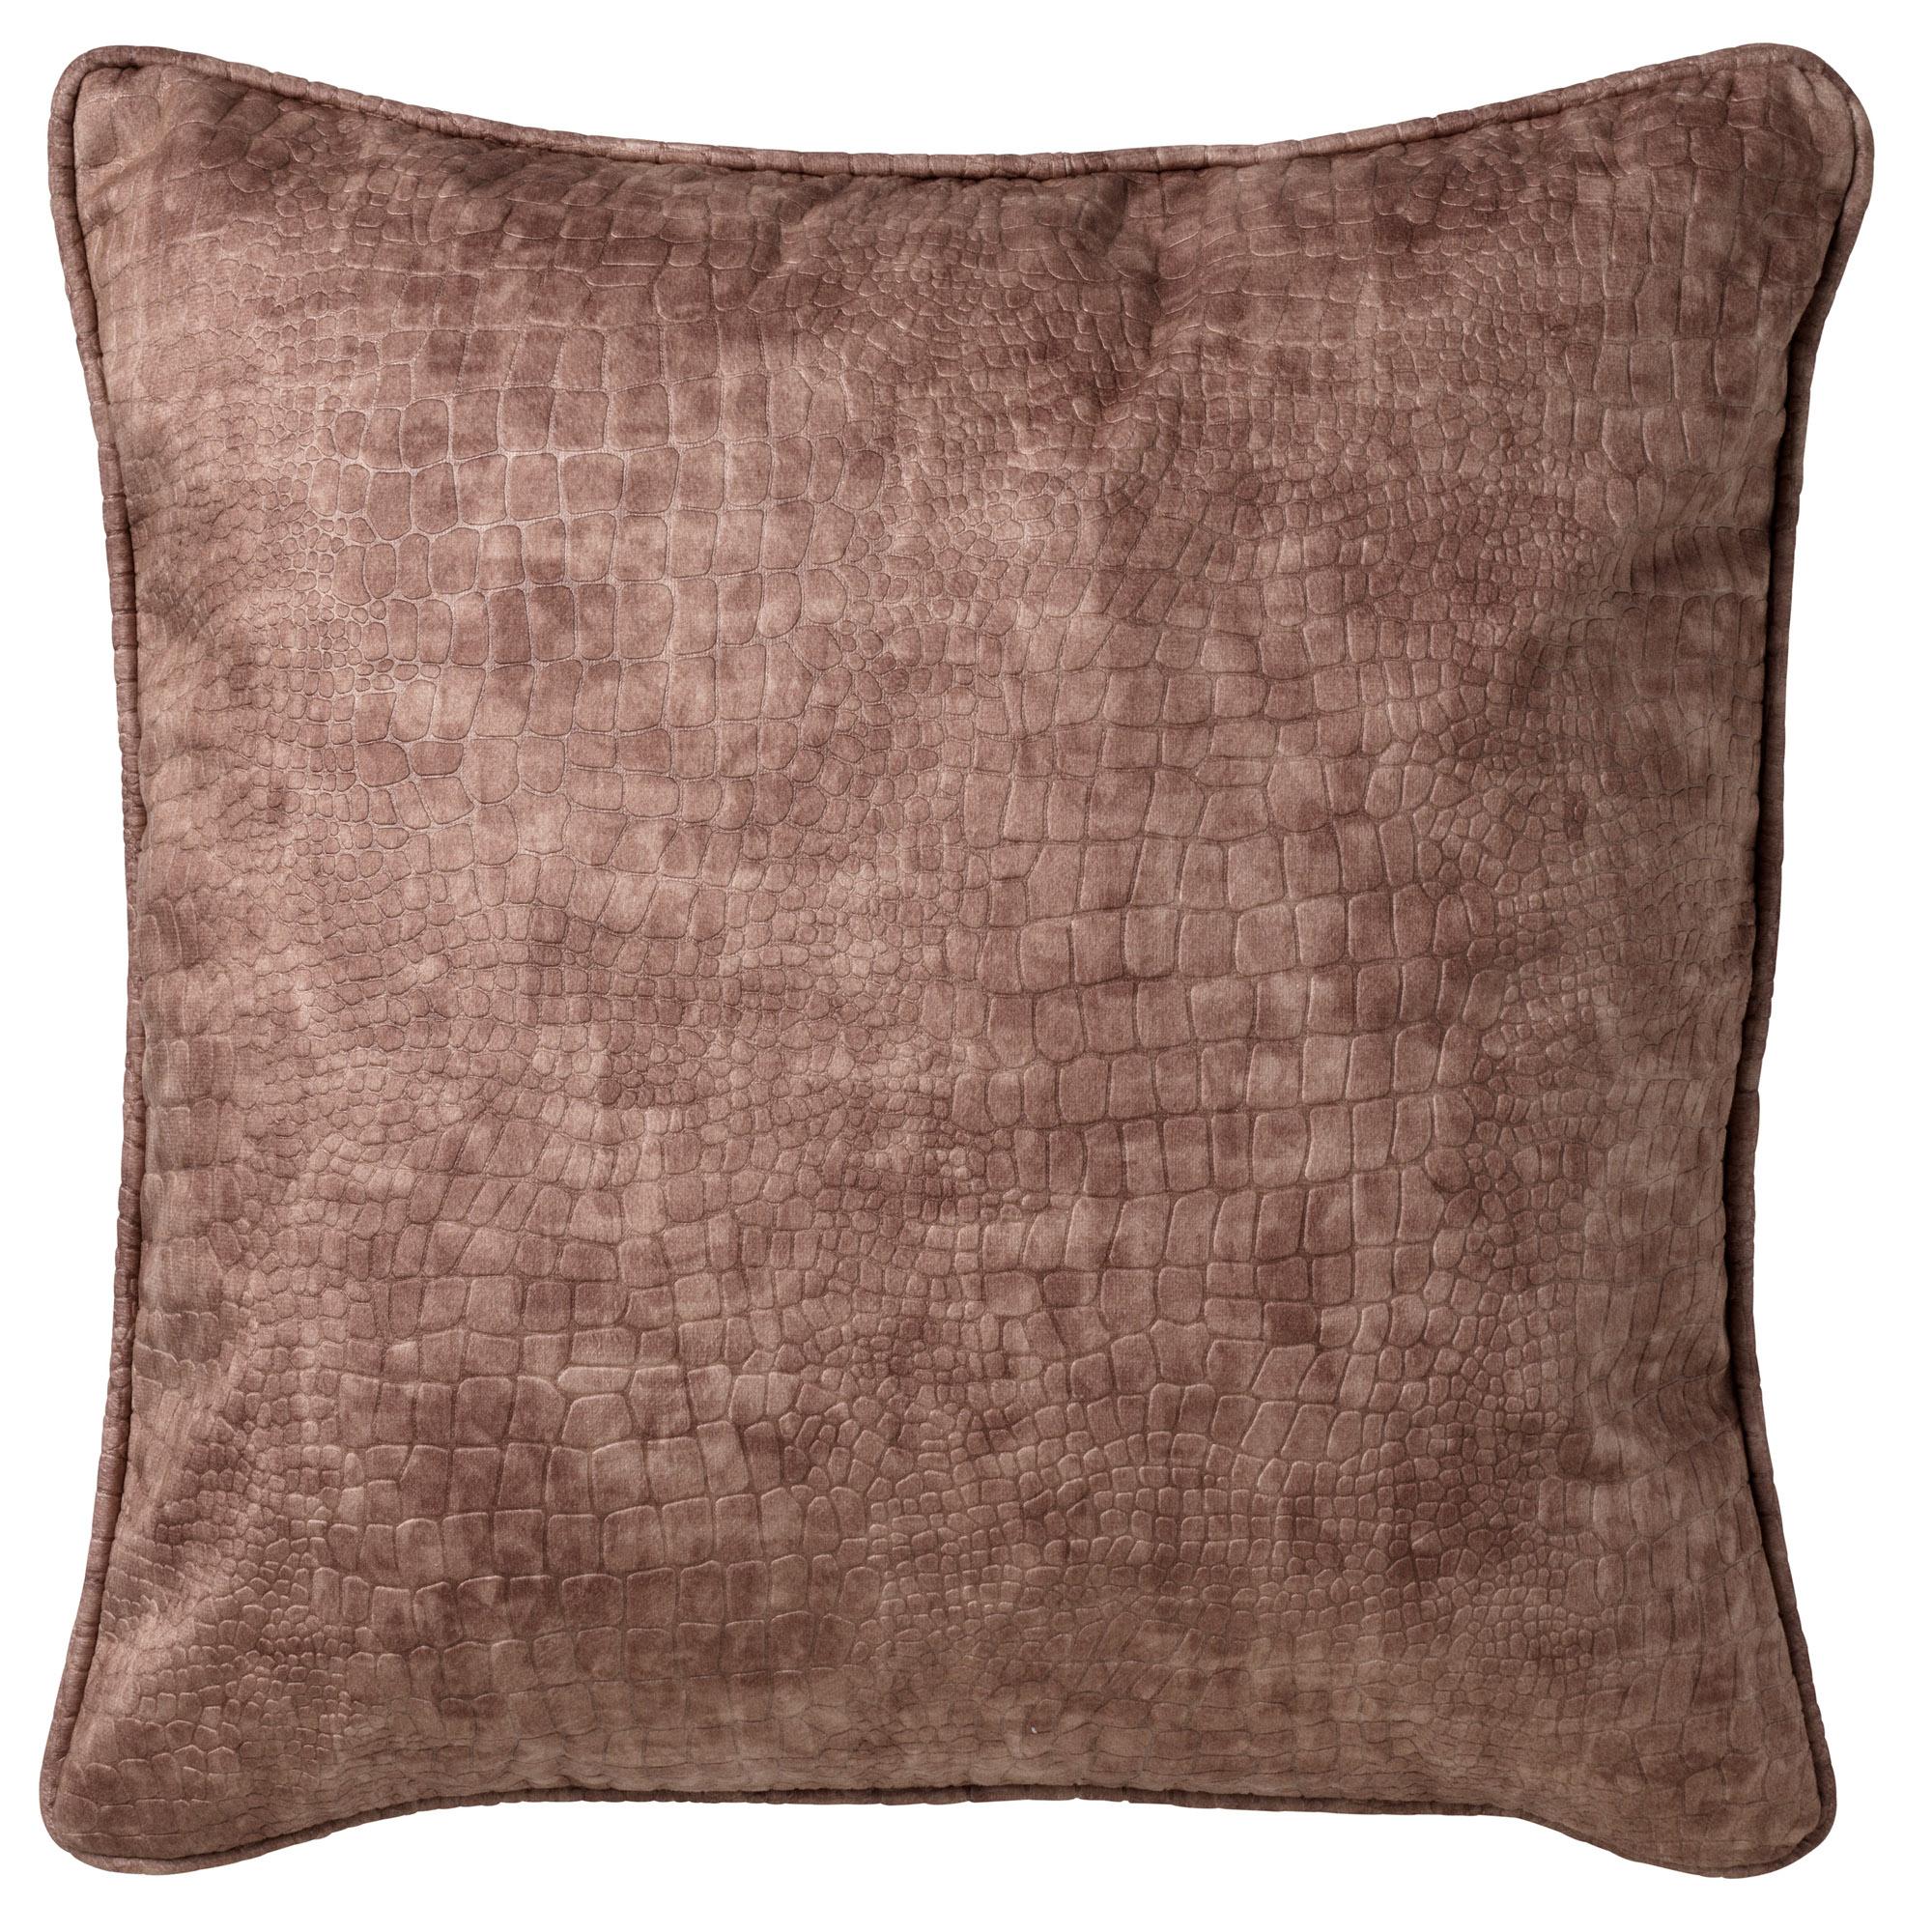 SAMMY - Sierkussen met patroon Cobble Stone 45x45 cm